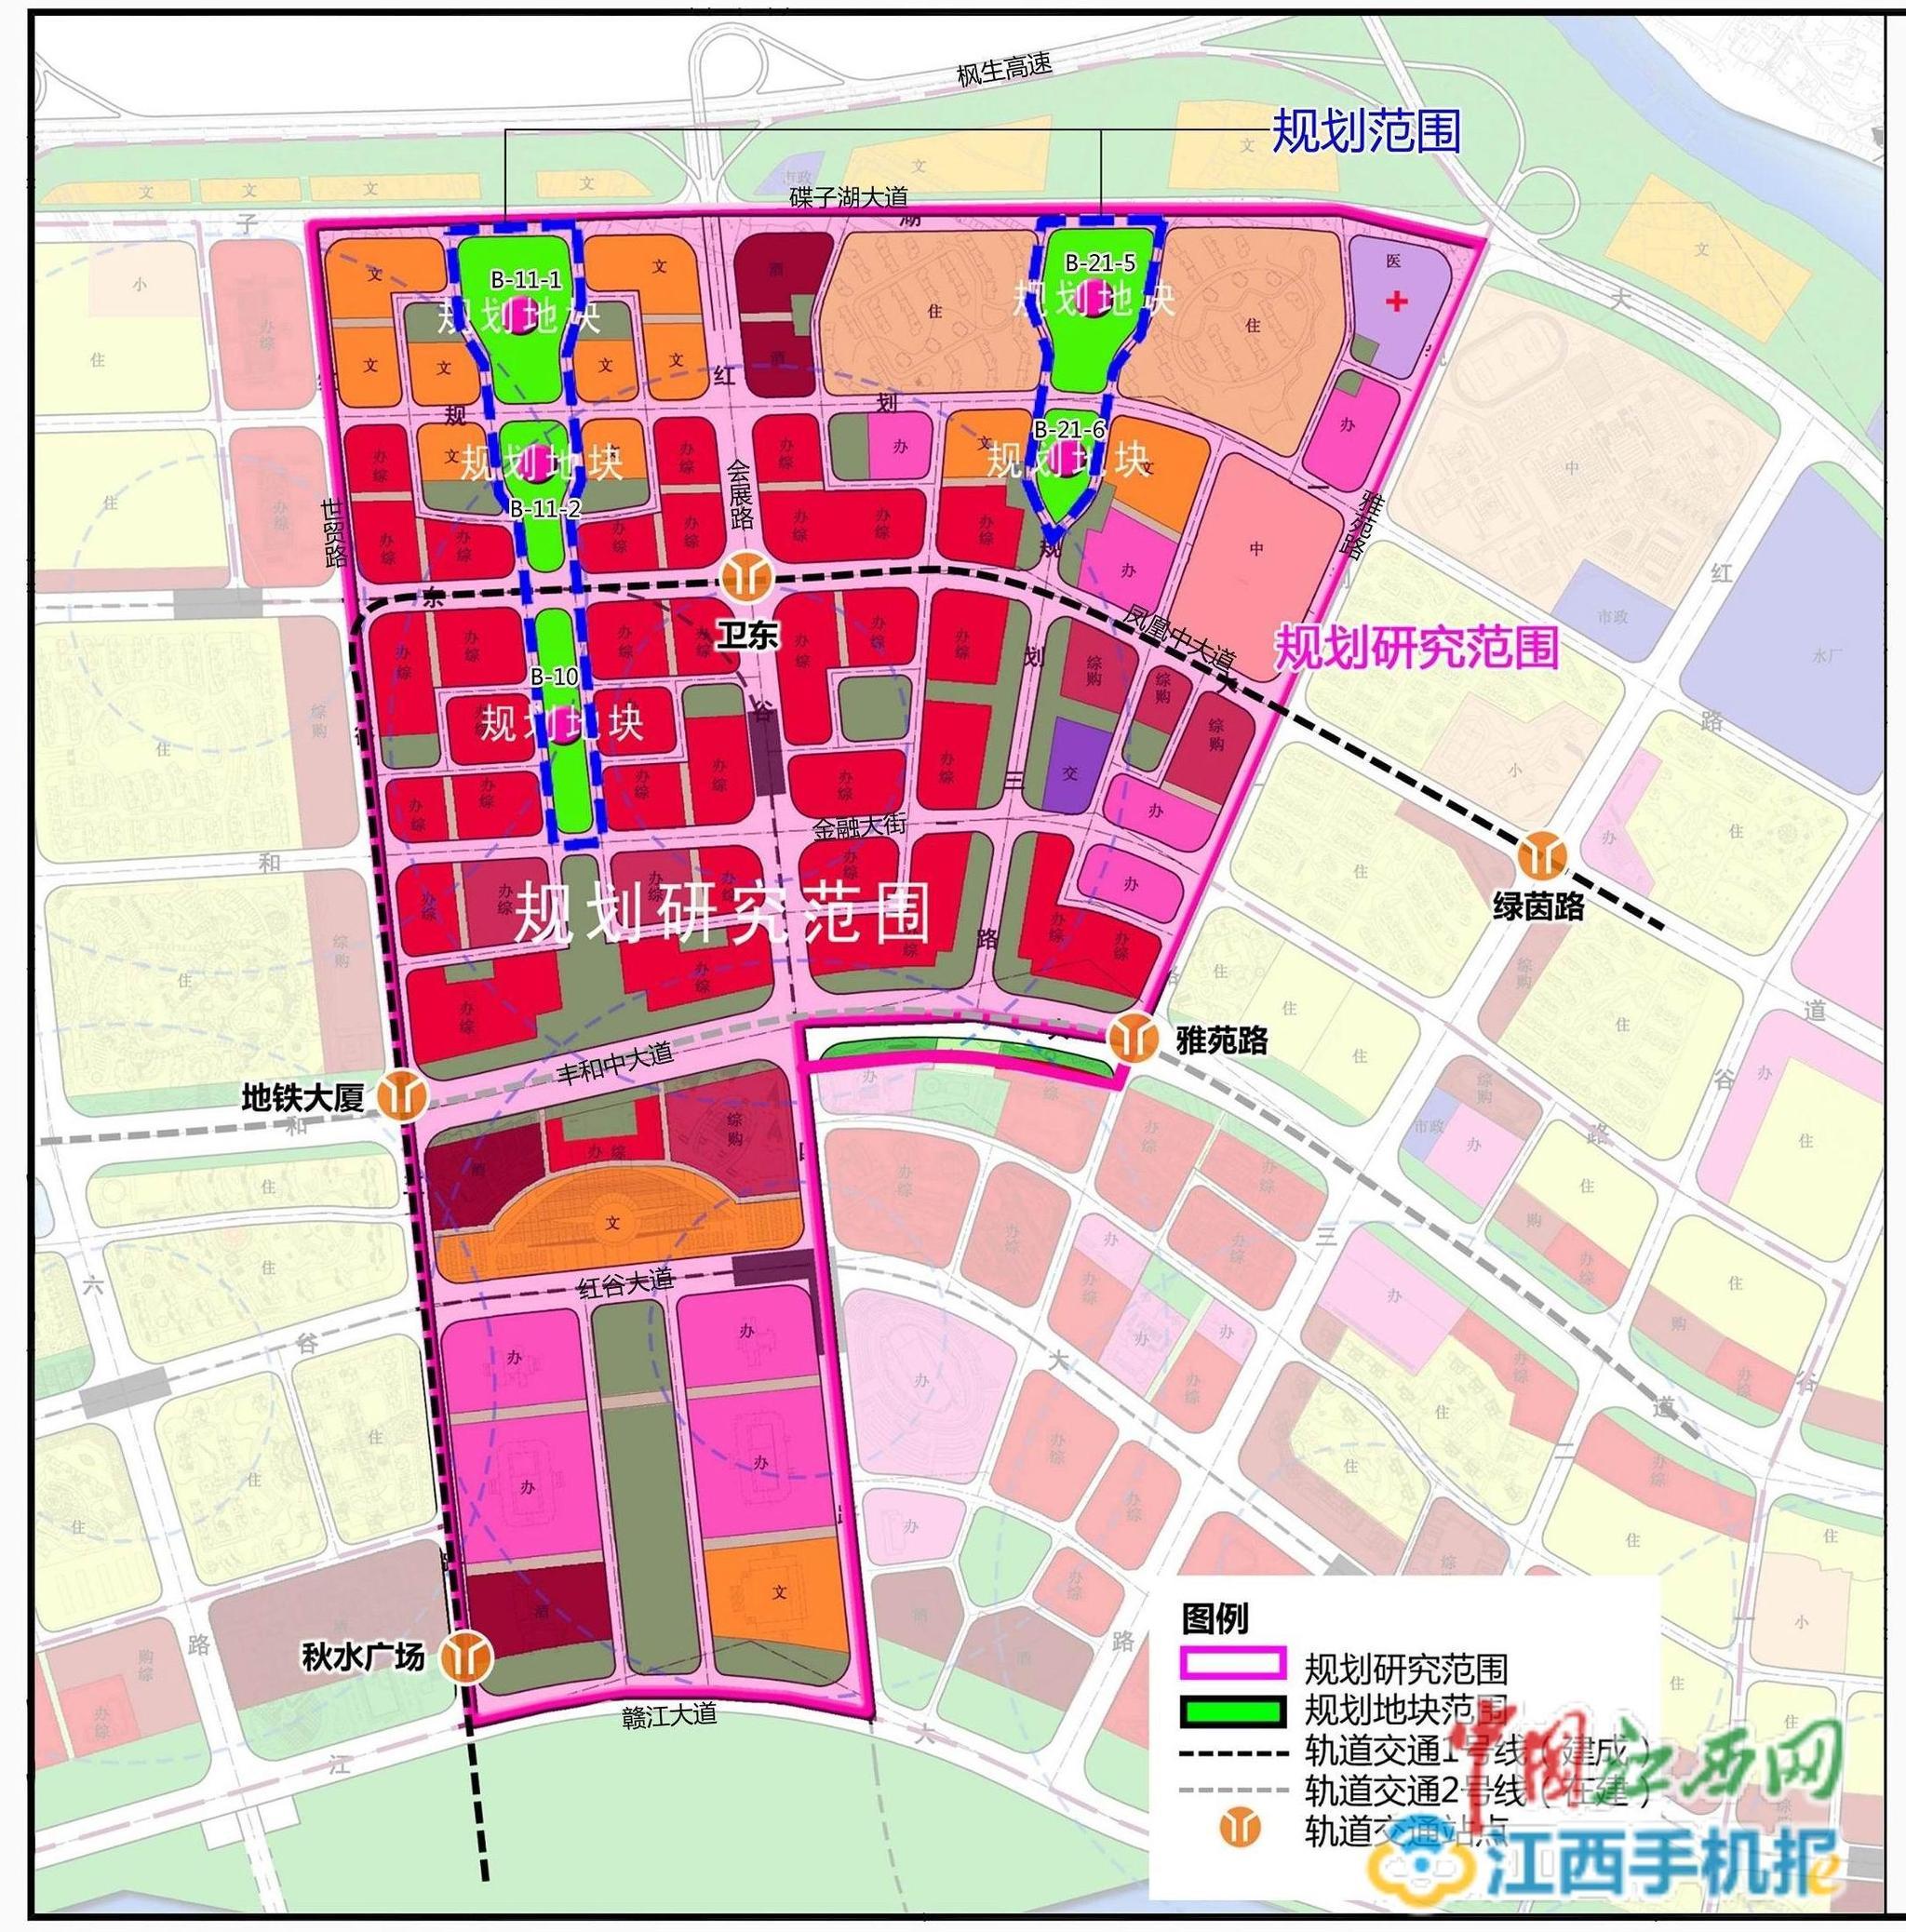 将提供2532个车位 南昌红谷滩CBD地下空间将开发